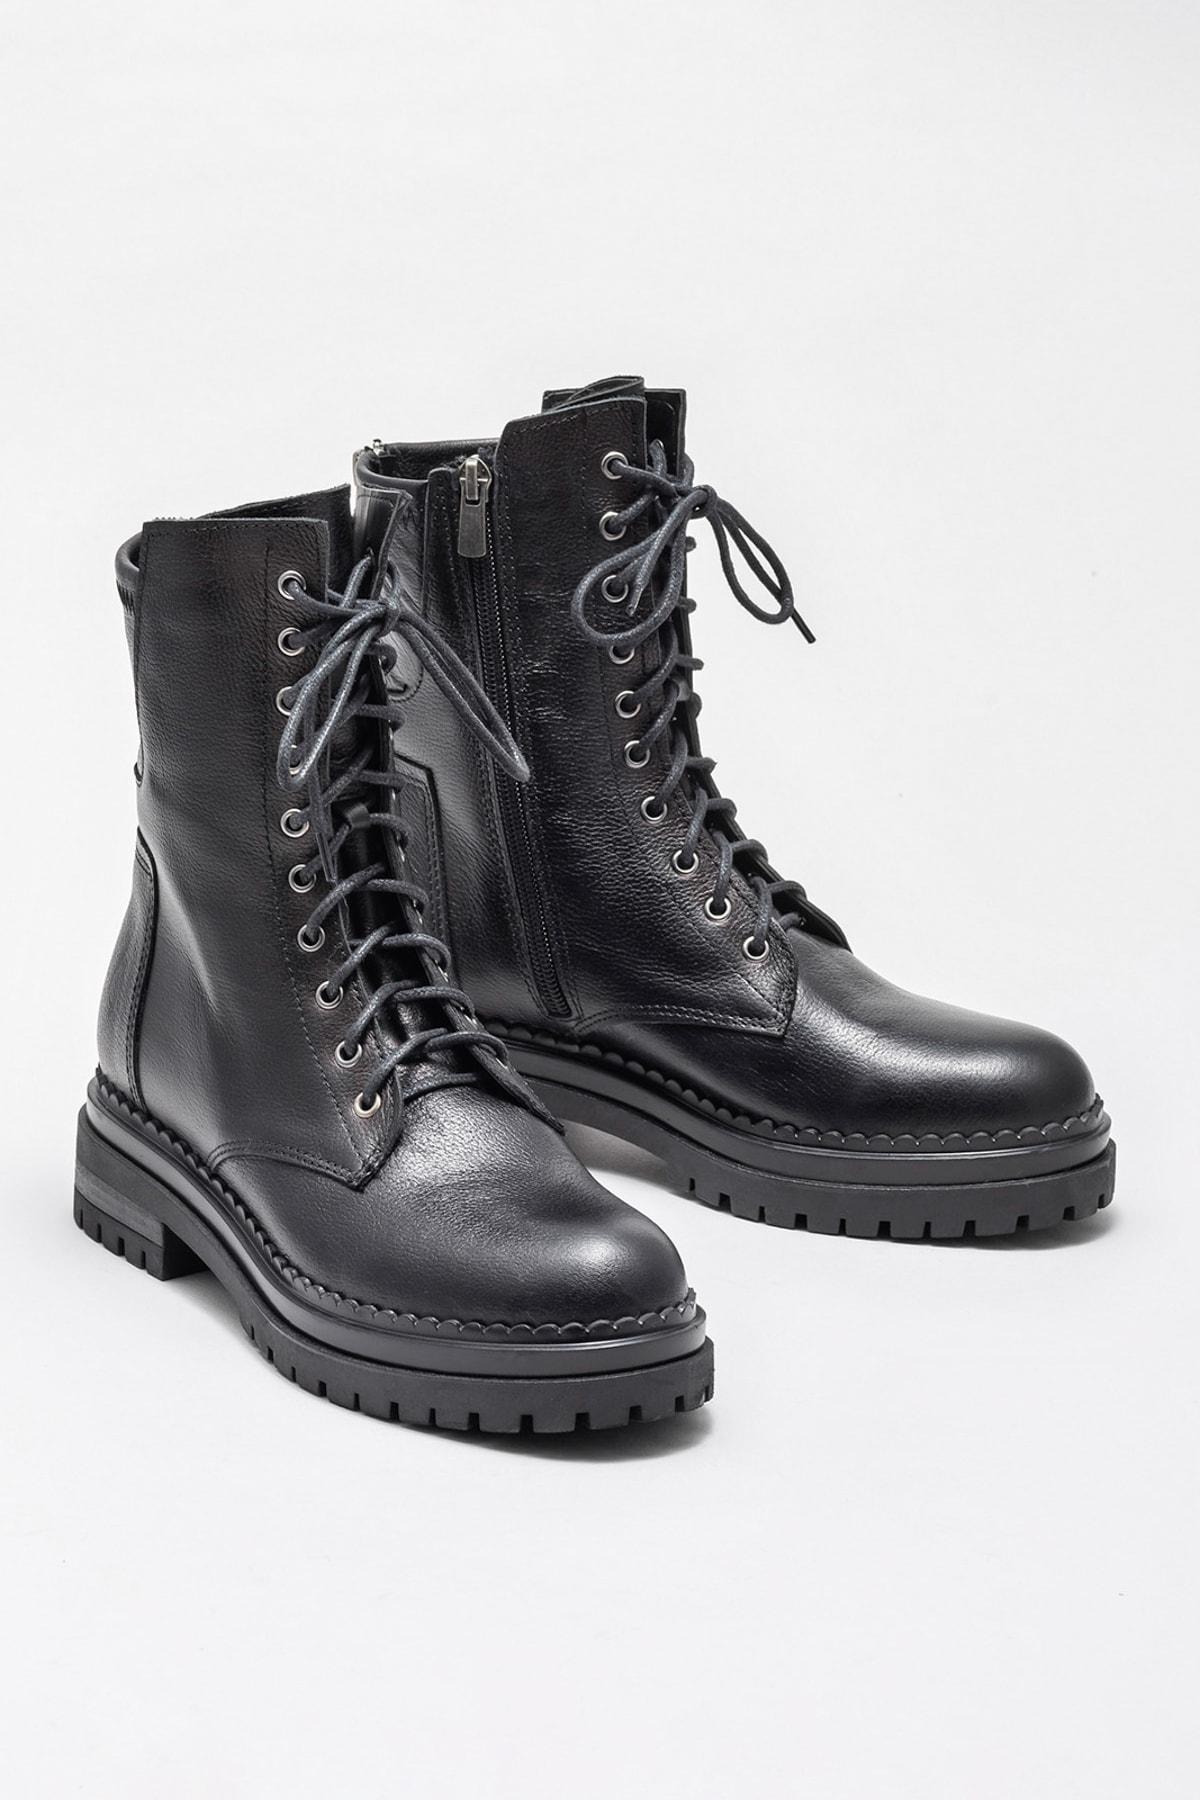 Elle Shoes Kadın Jhosset Sıyah Bot & Bootie 20KIK4572 2